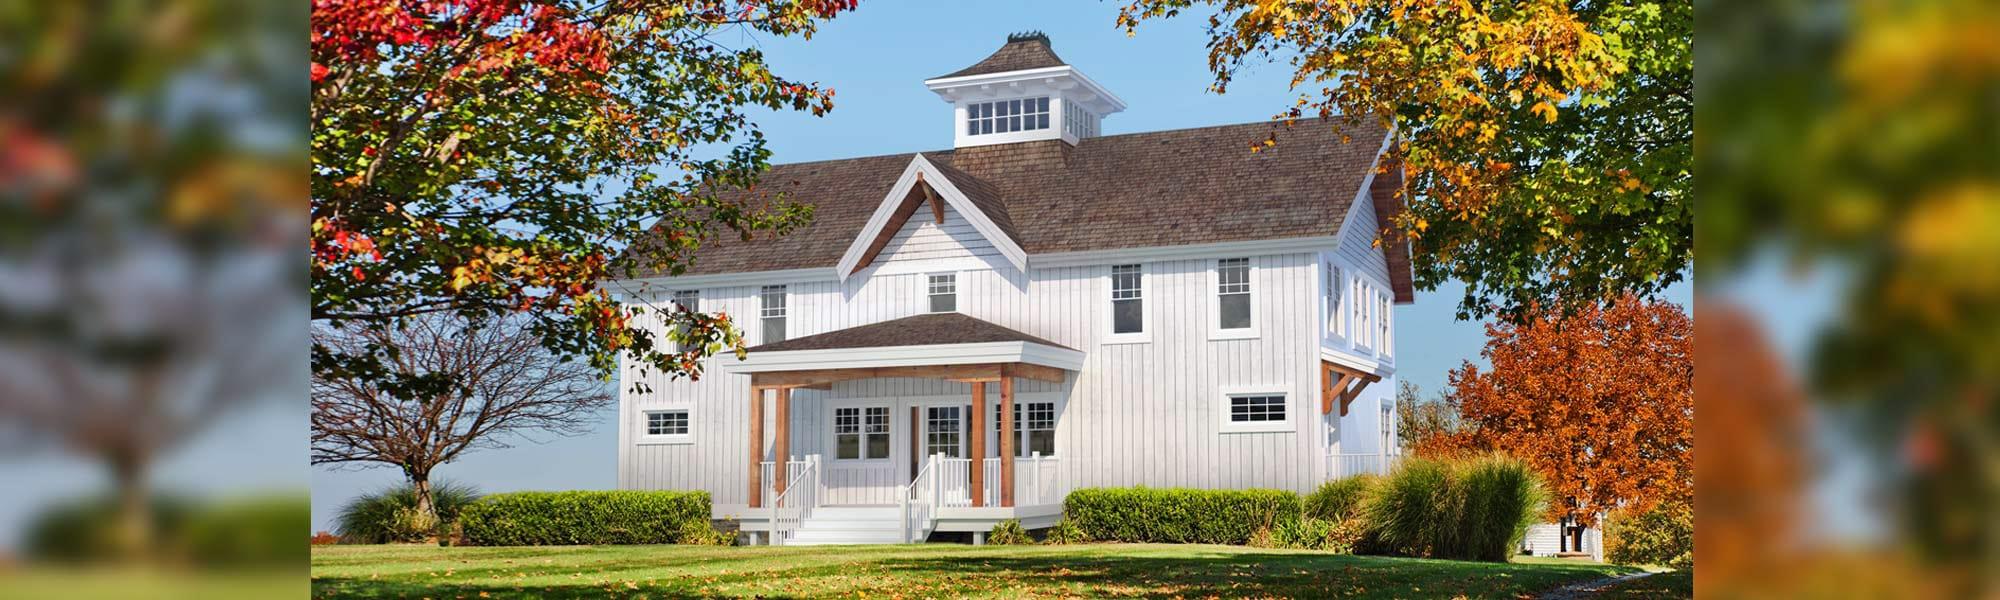 Richardson barn home timber plan